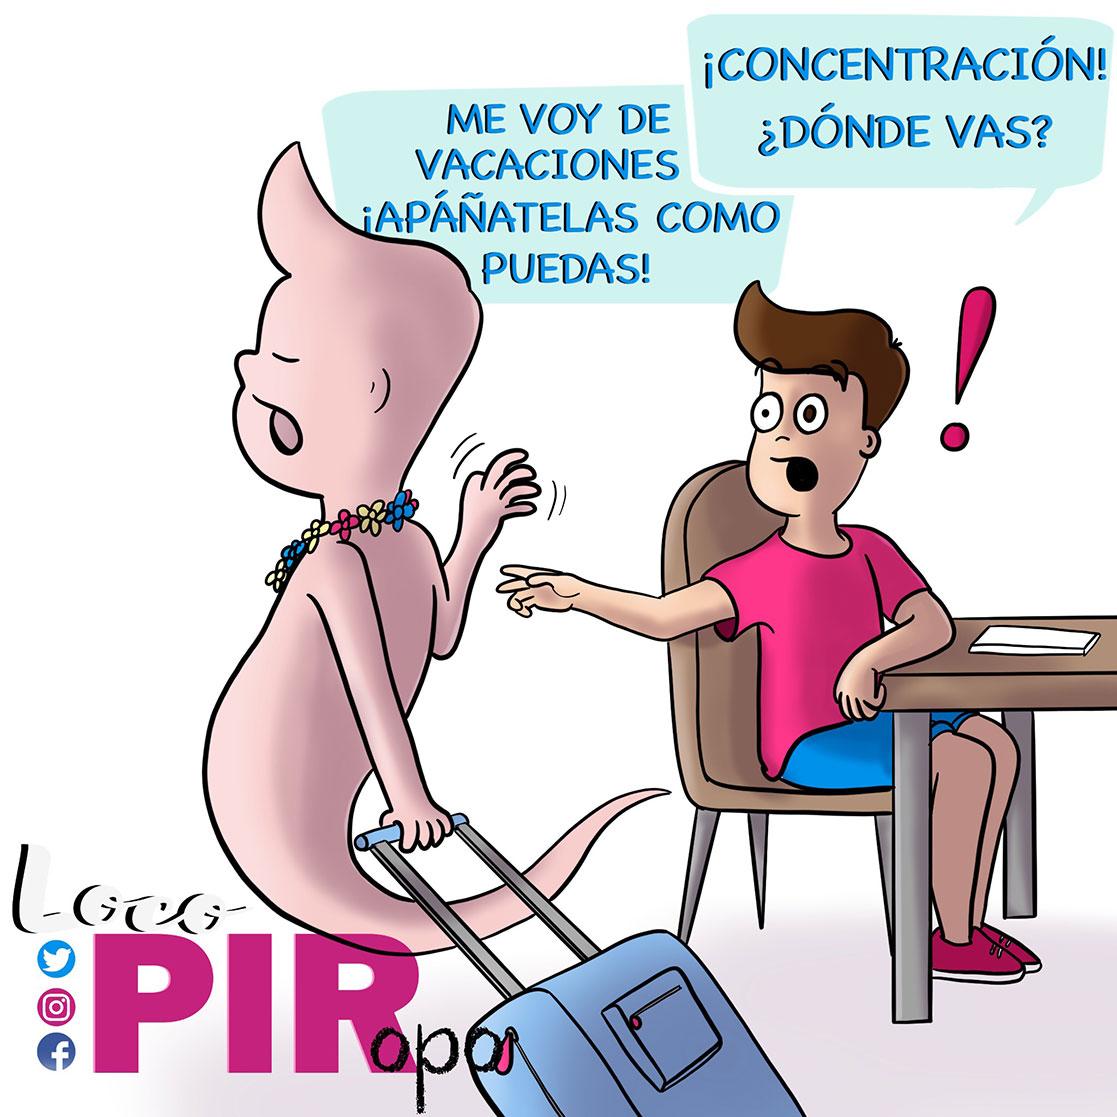 concentracion